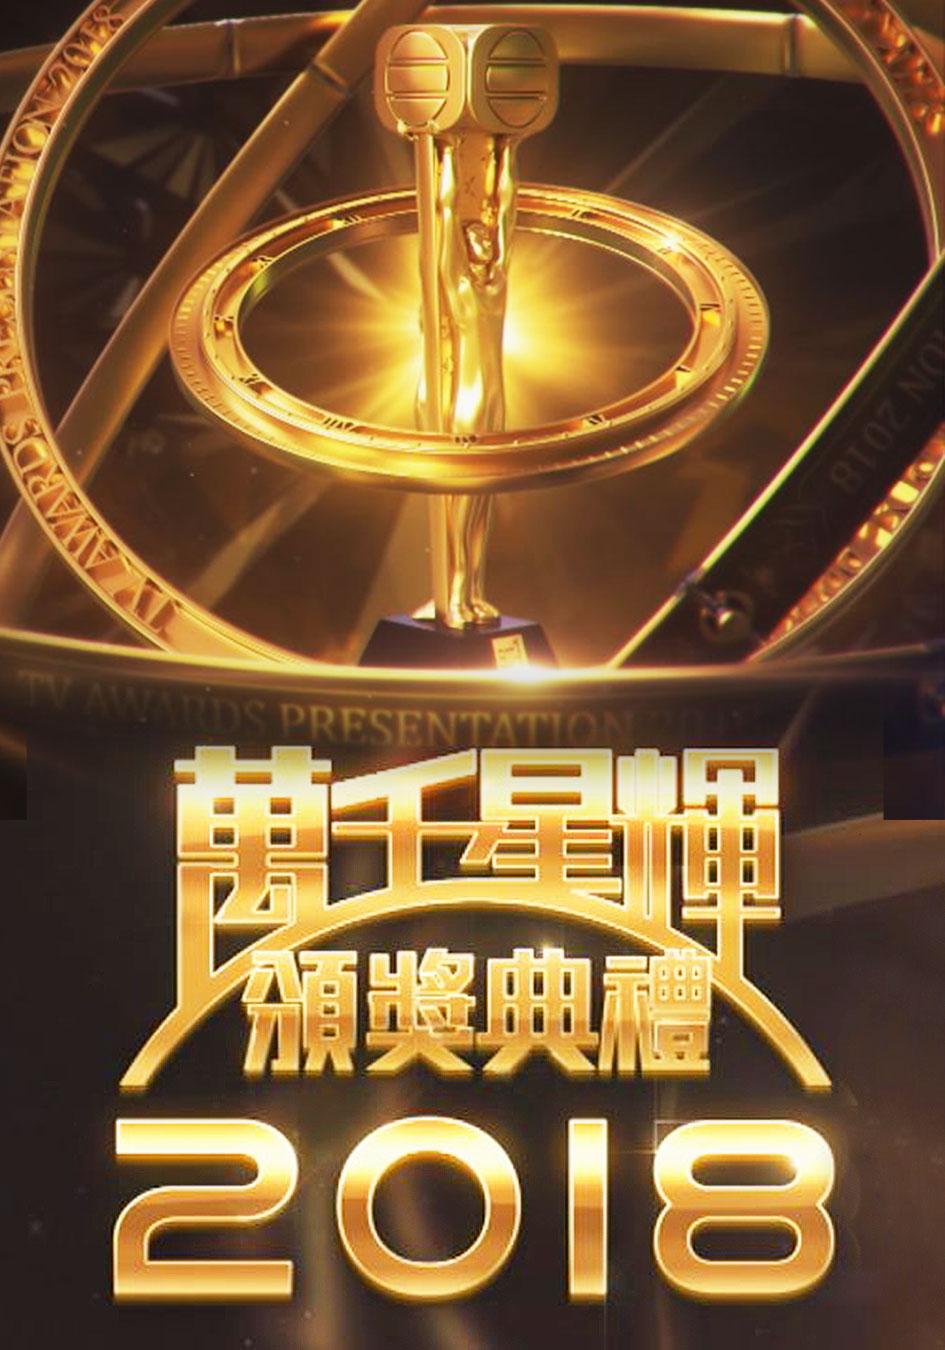 萬千星輝頒獎典禮2018-TV Awards Presentation 2018